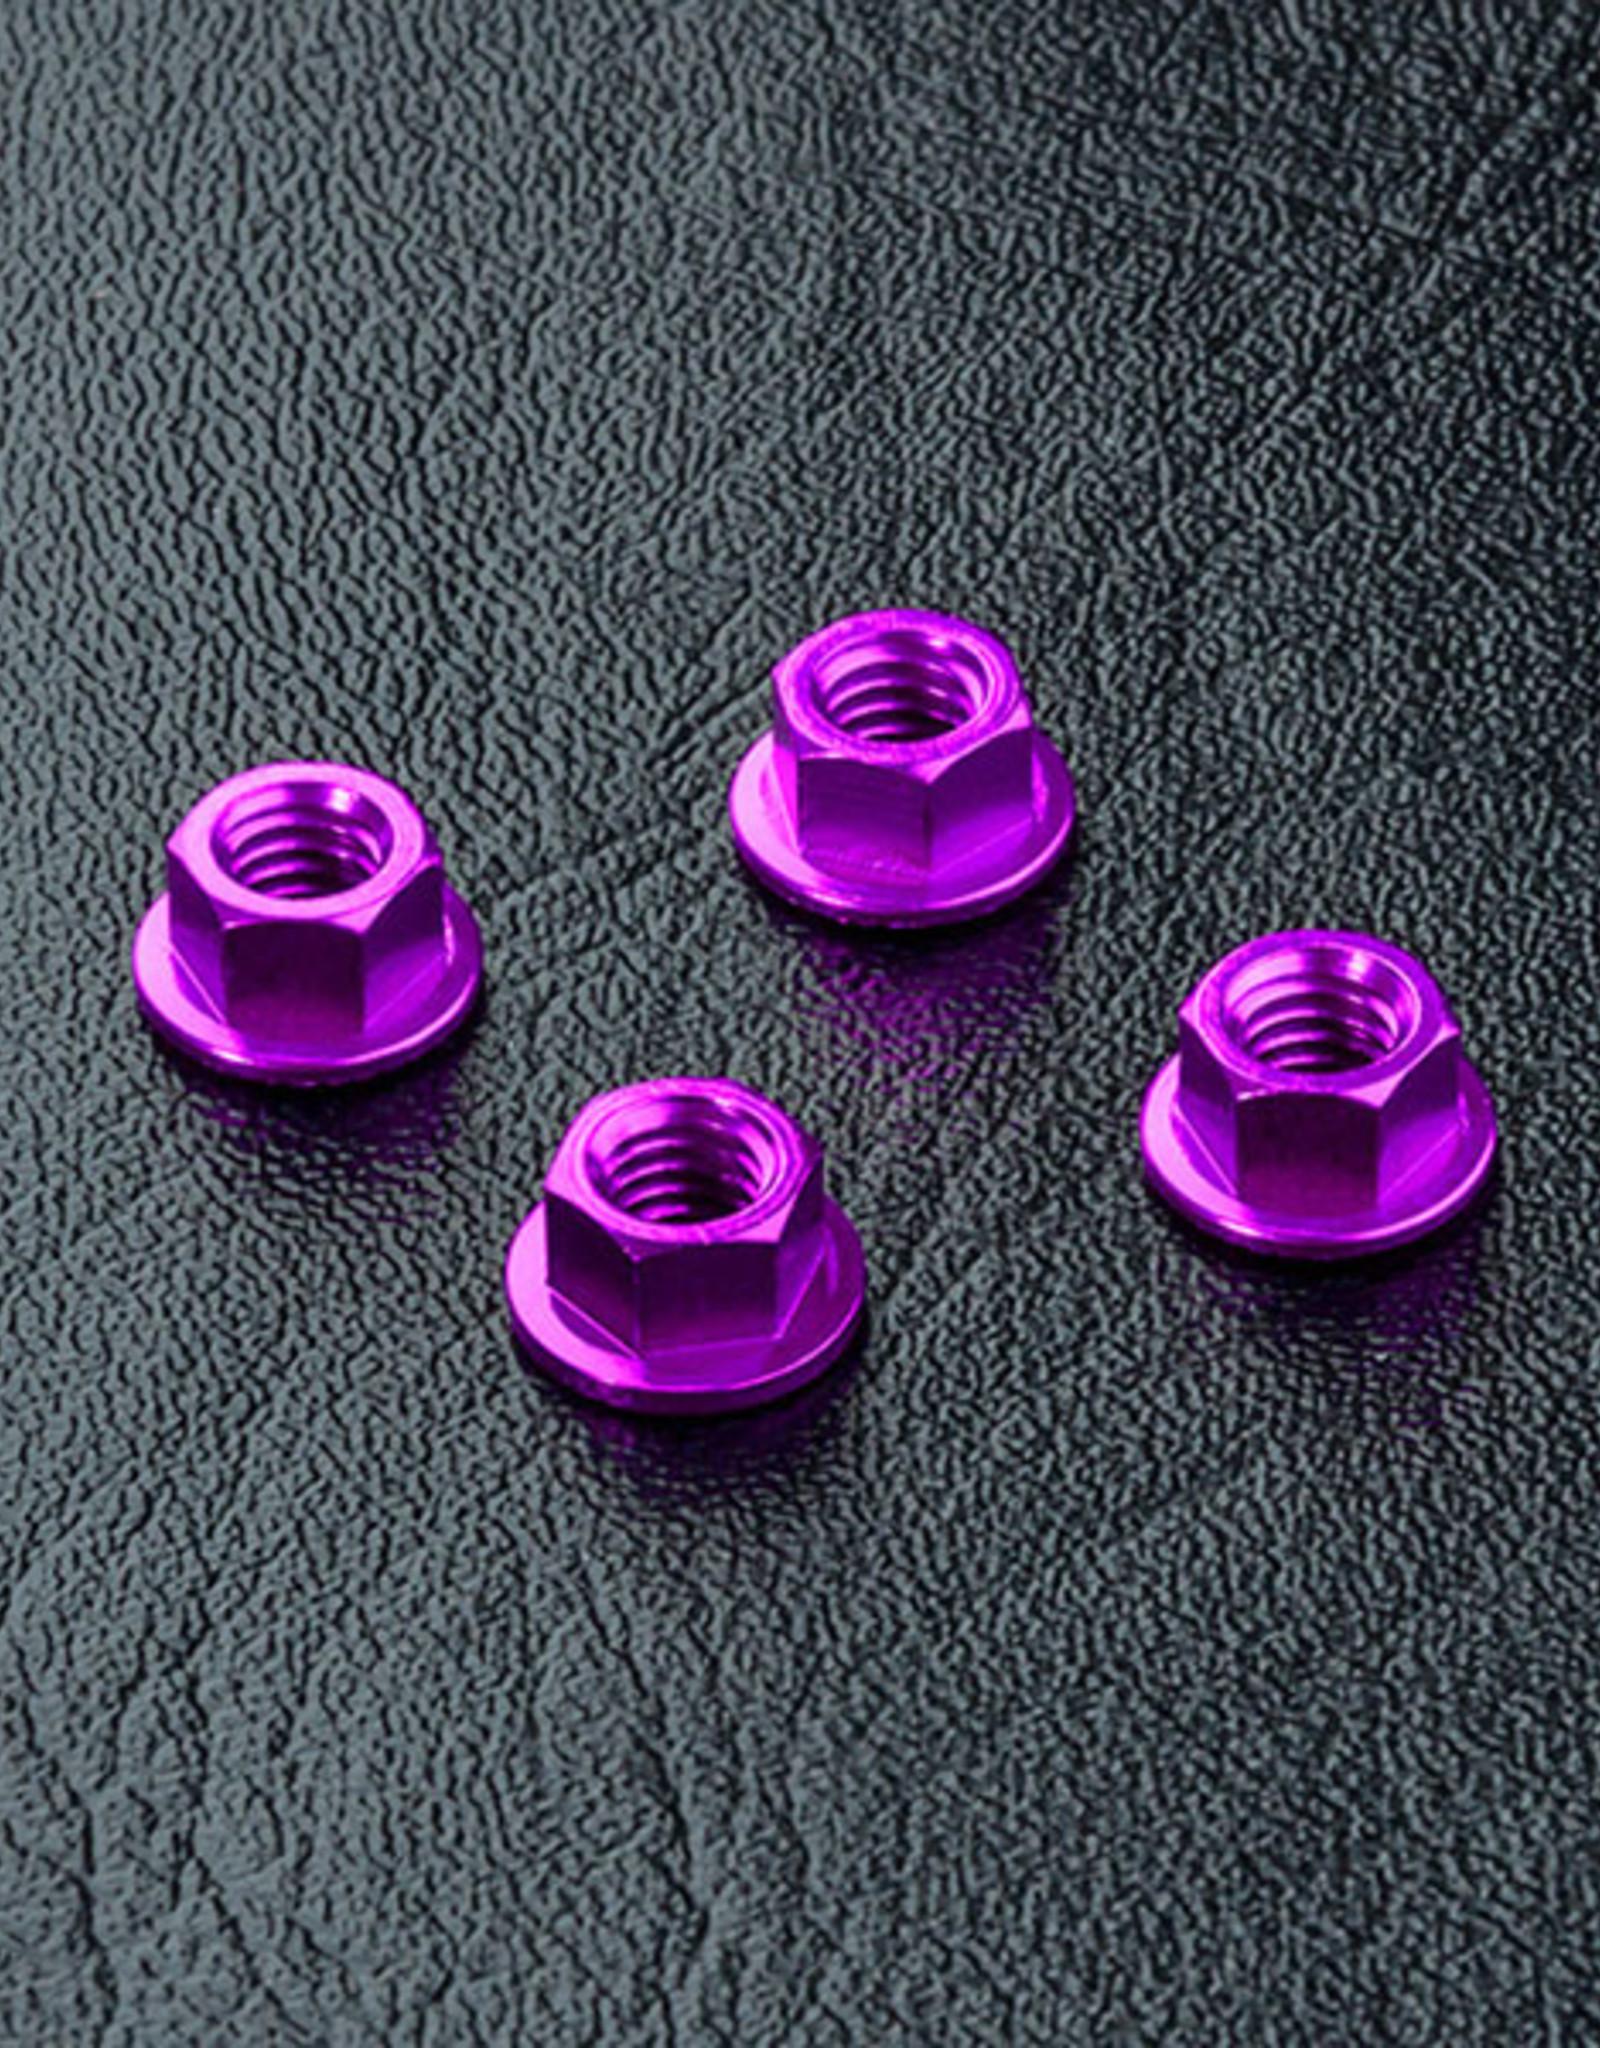 MST MXSPD820001P Alum. wheel nut (purple) (4) 820001P by MST